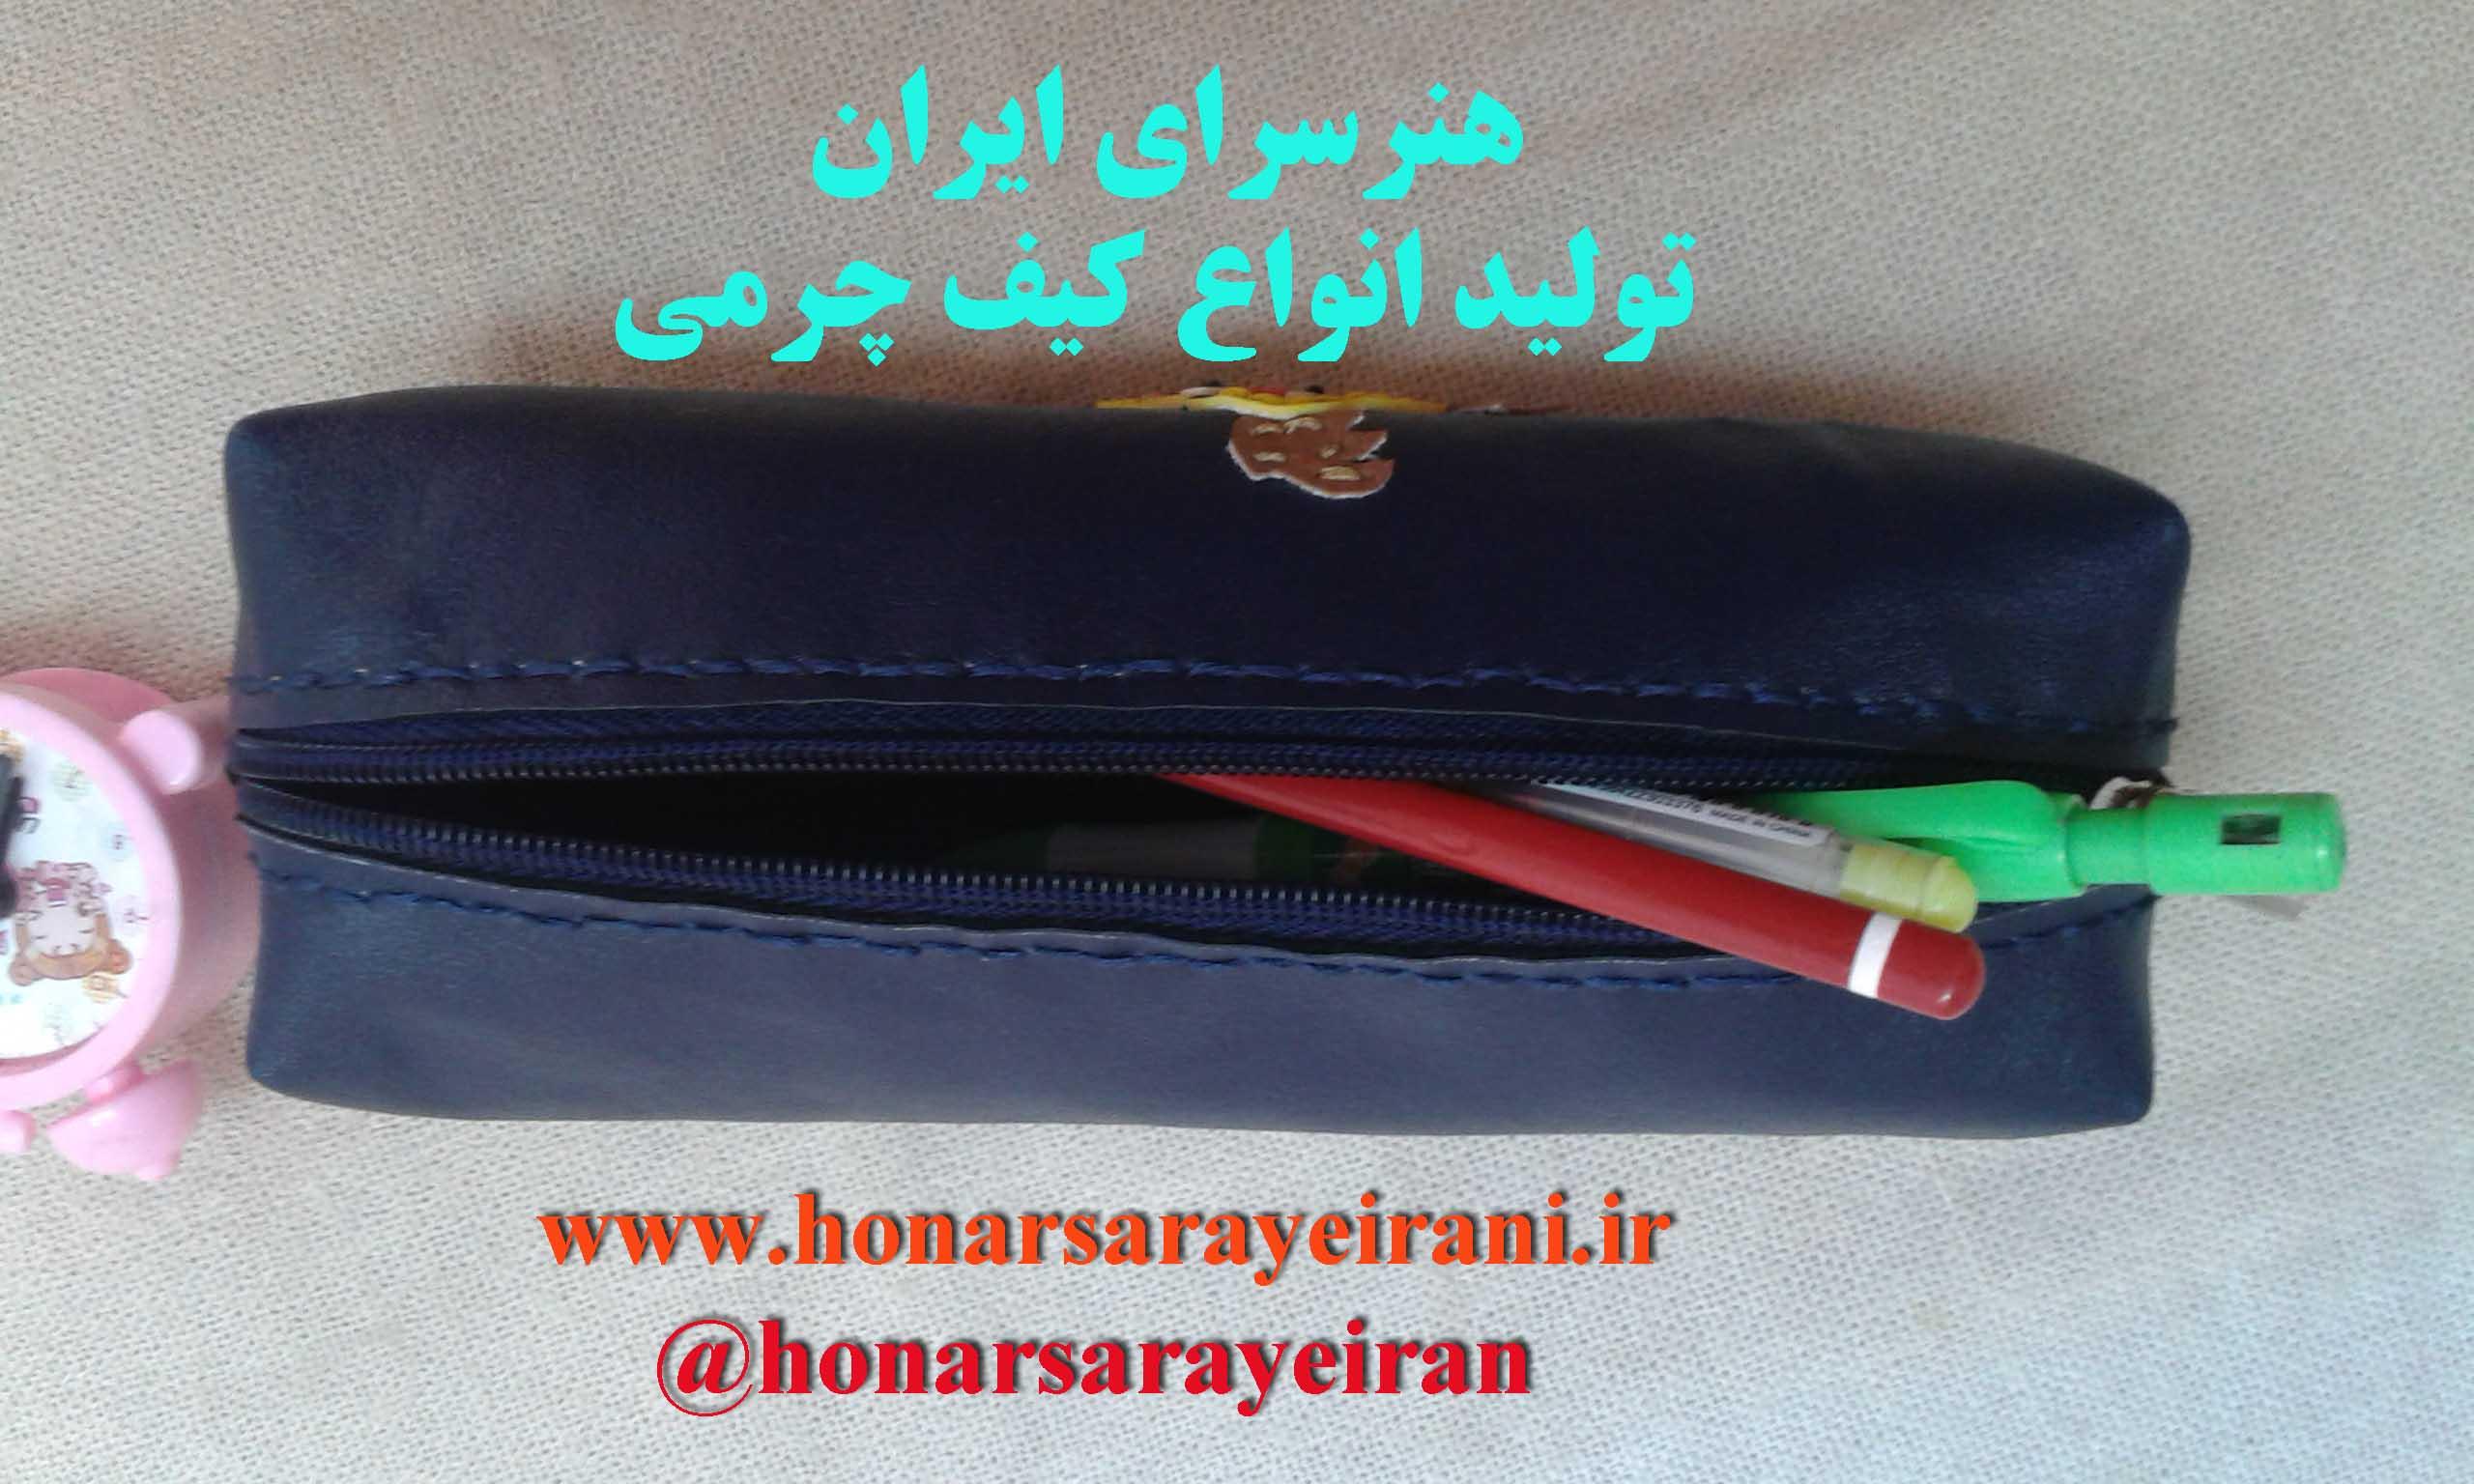 فروشگاه هنرسرای ایران